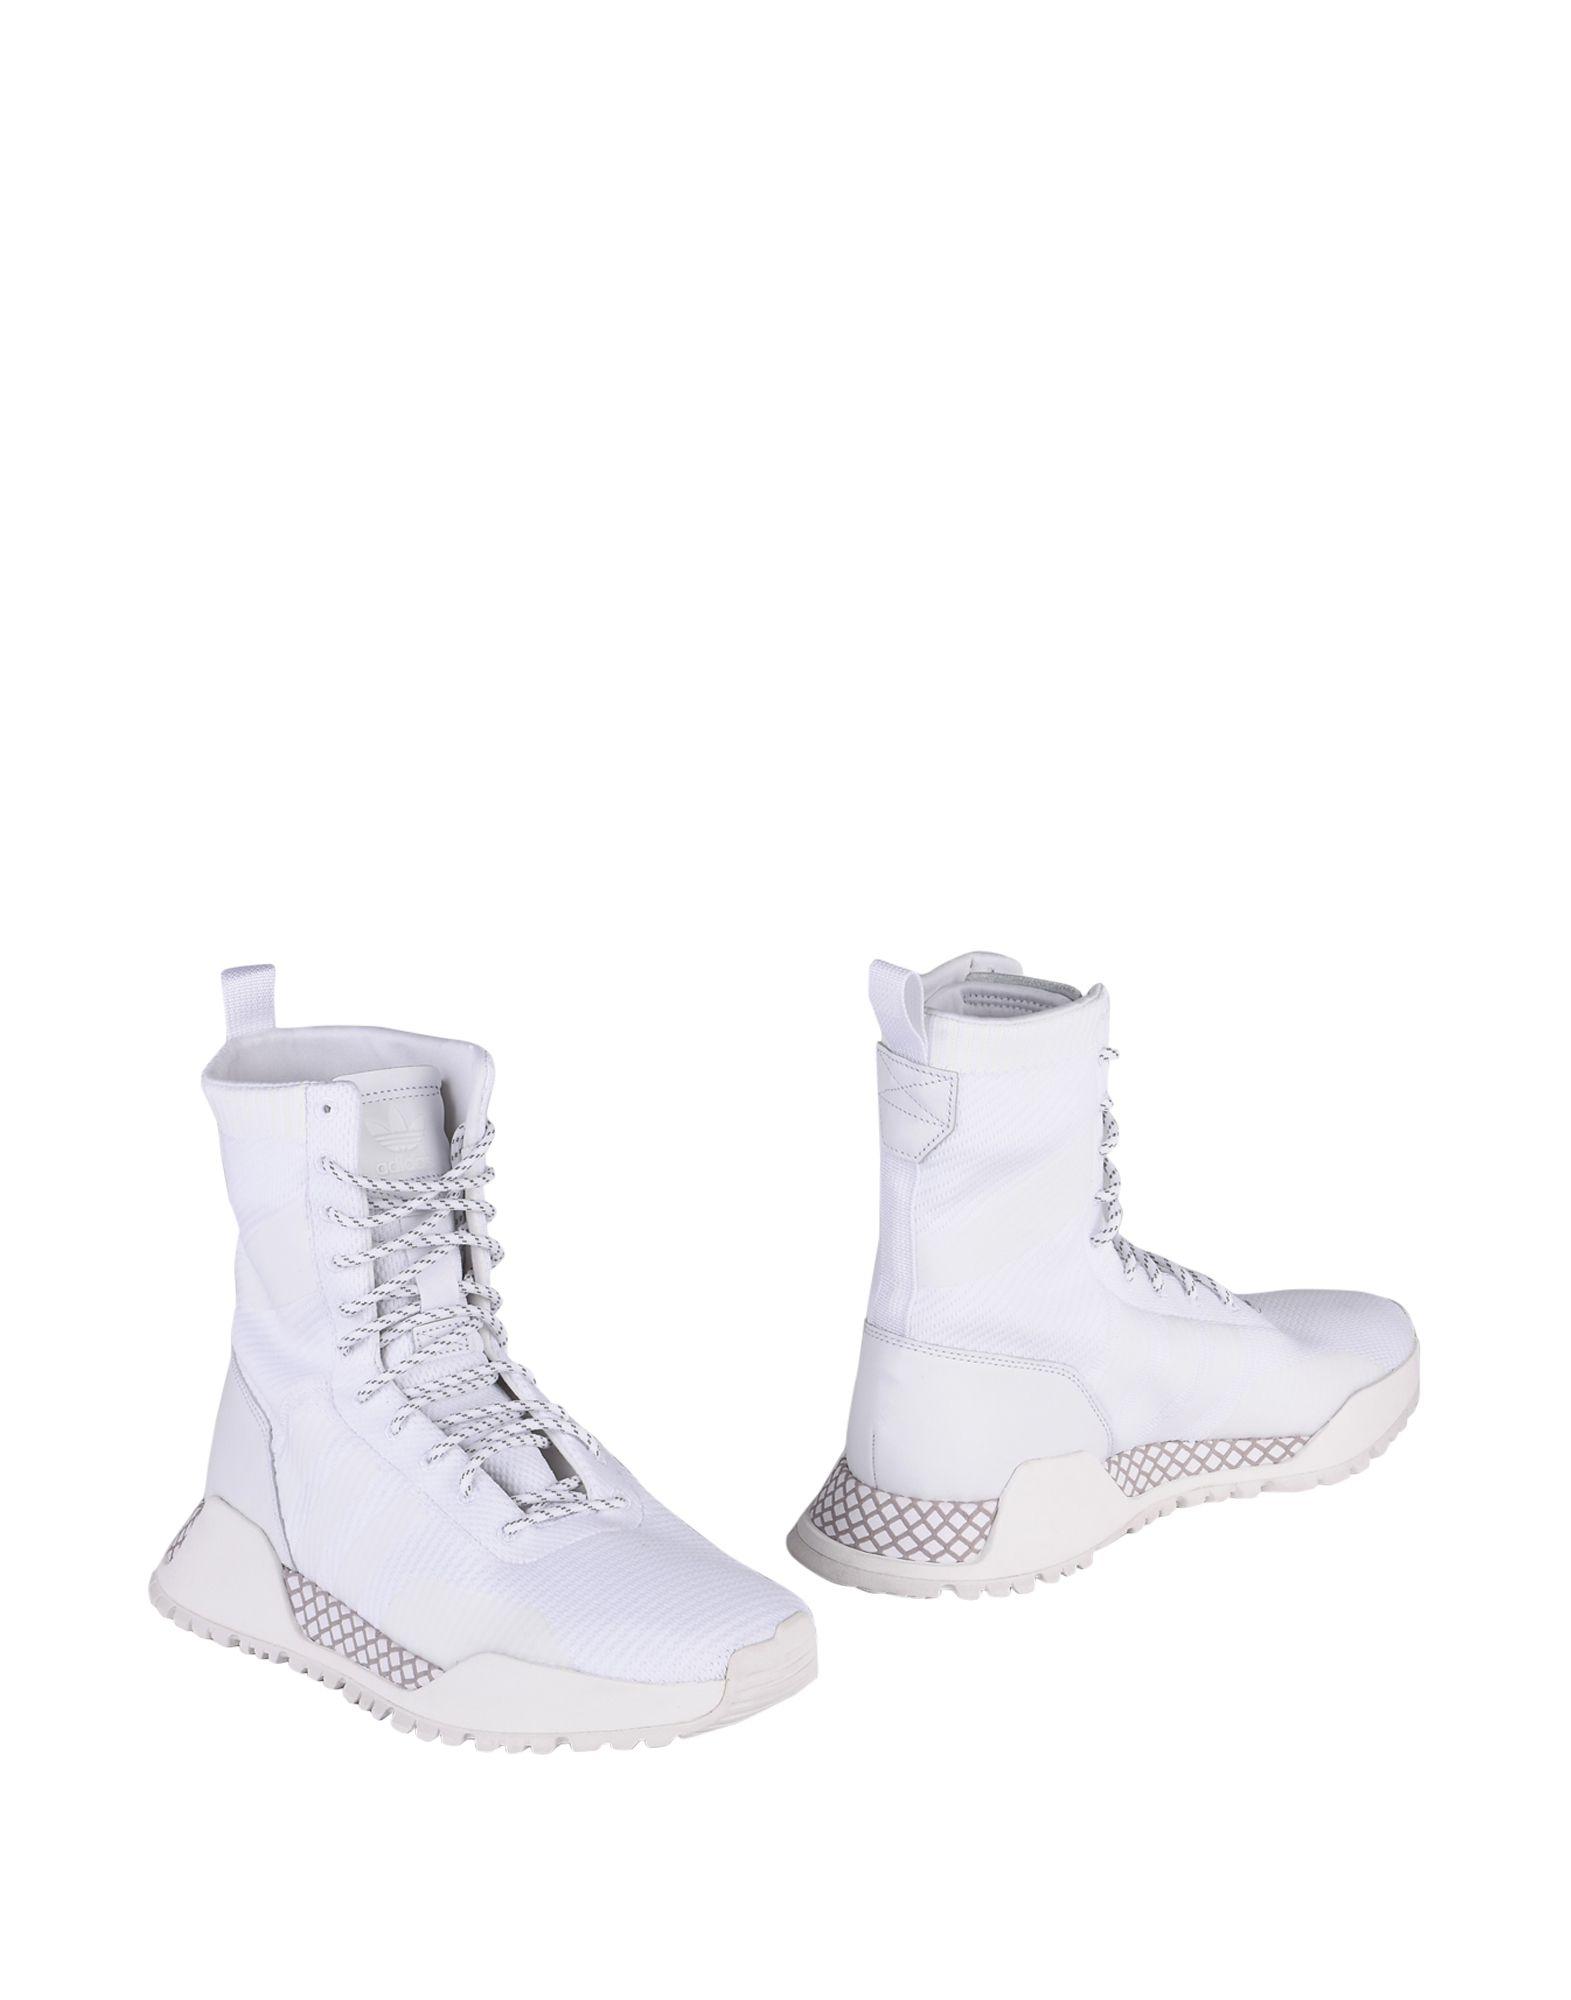 Adidas Originals H.F/1.3 Pk  11382423AB Gute Qualität beliebte Schuhe